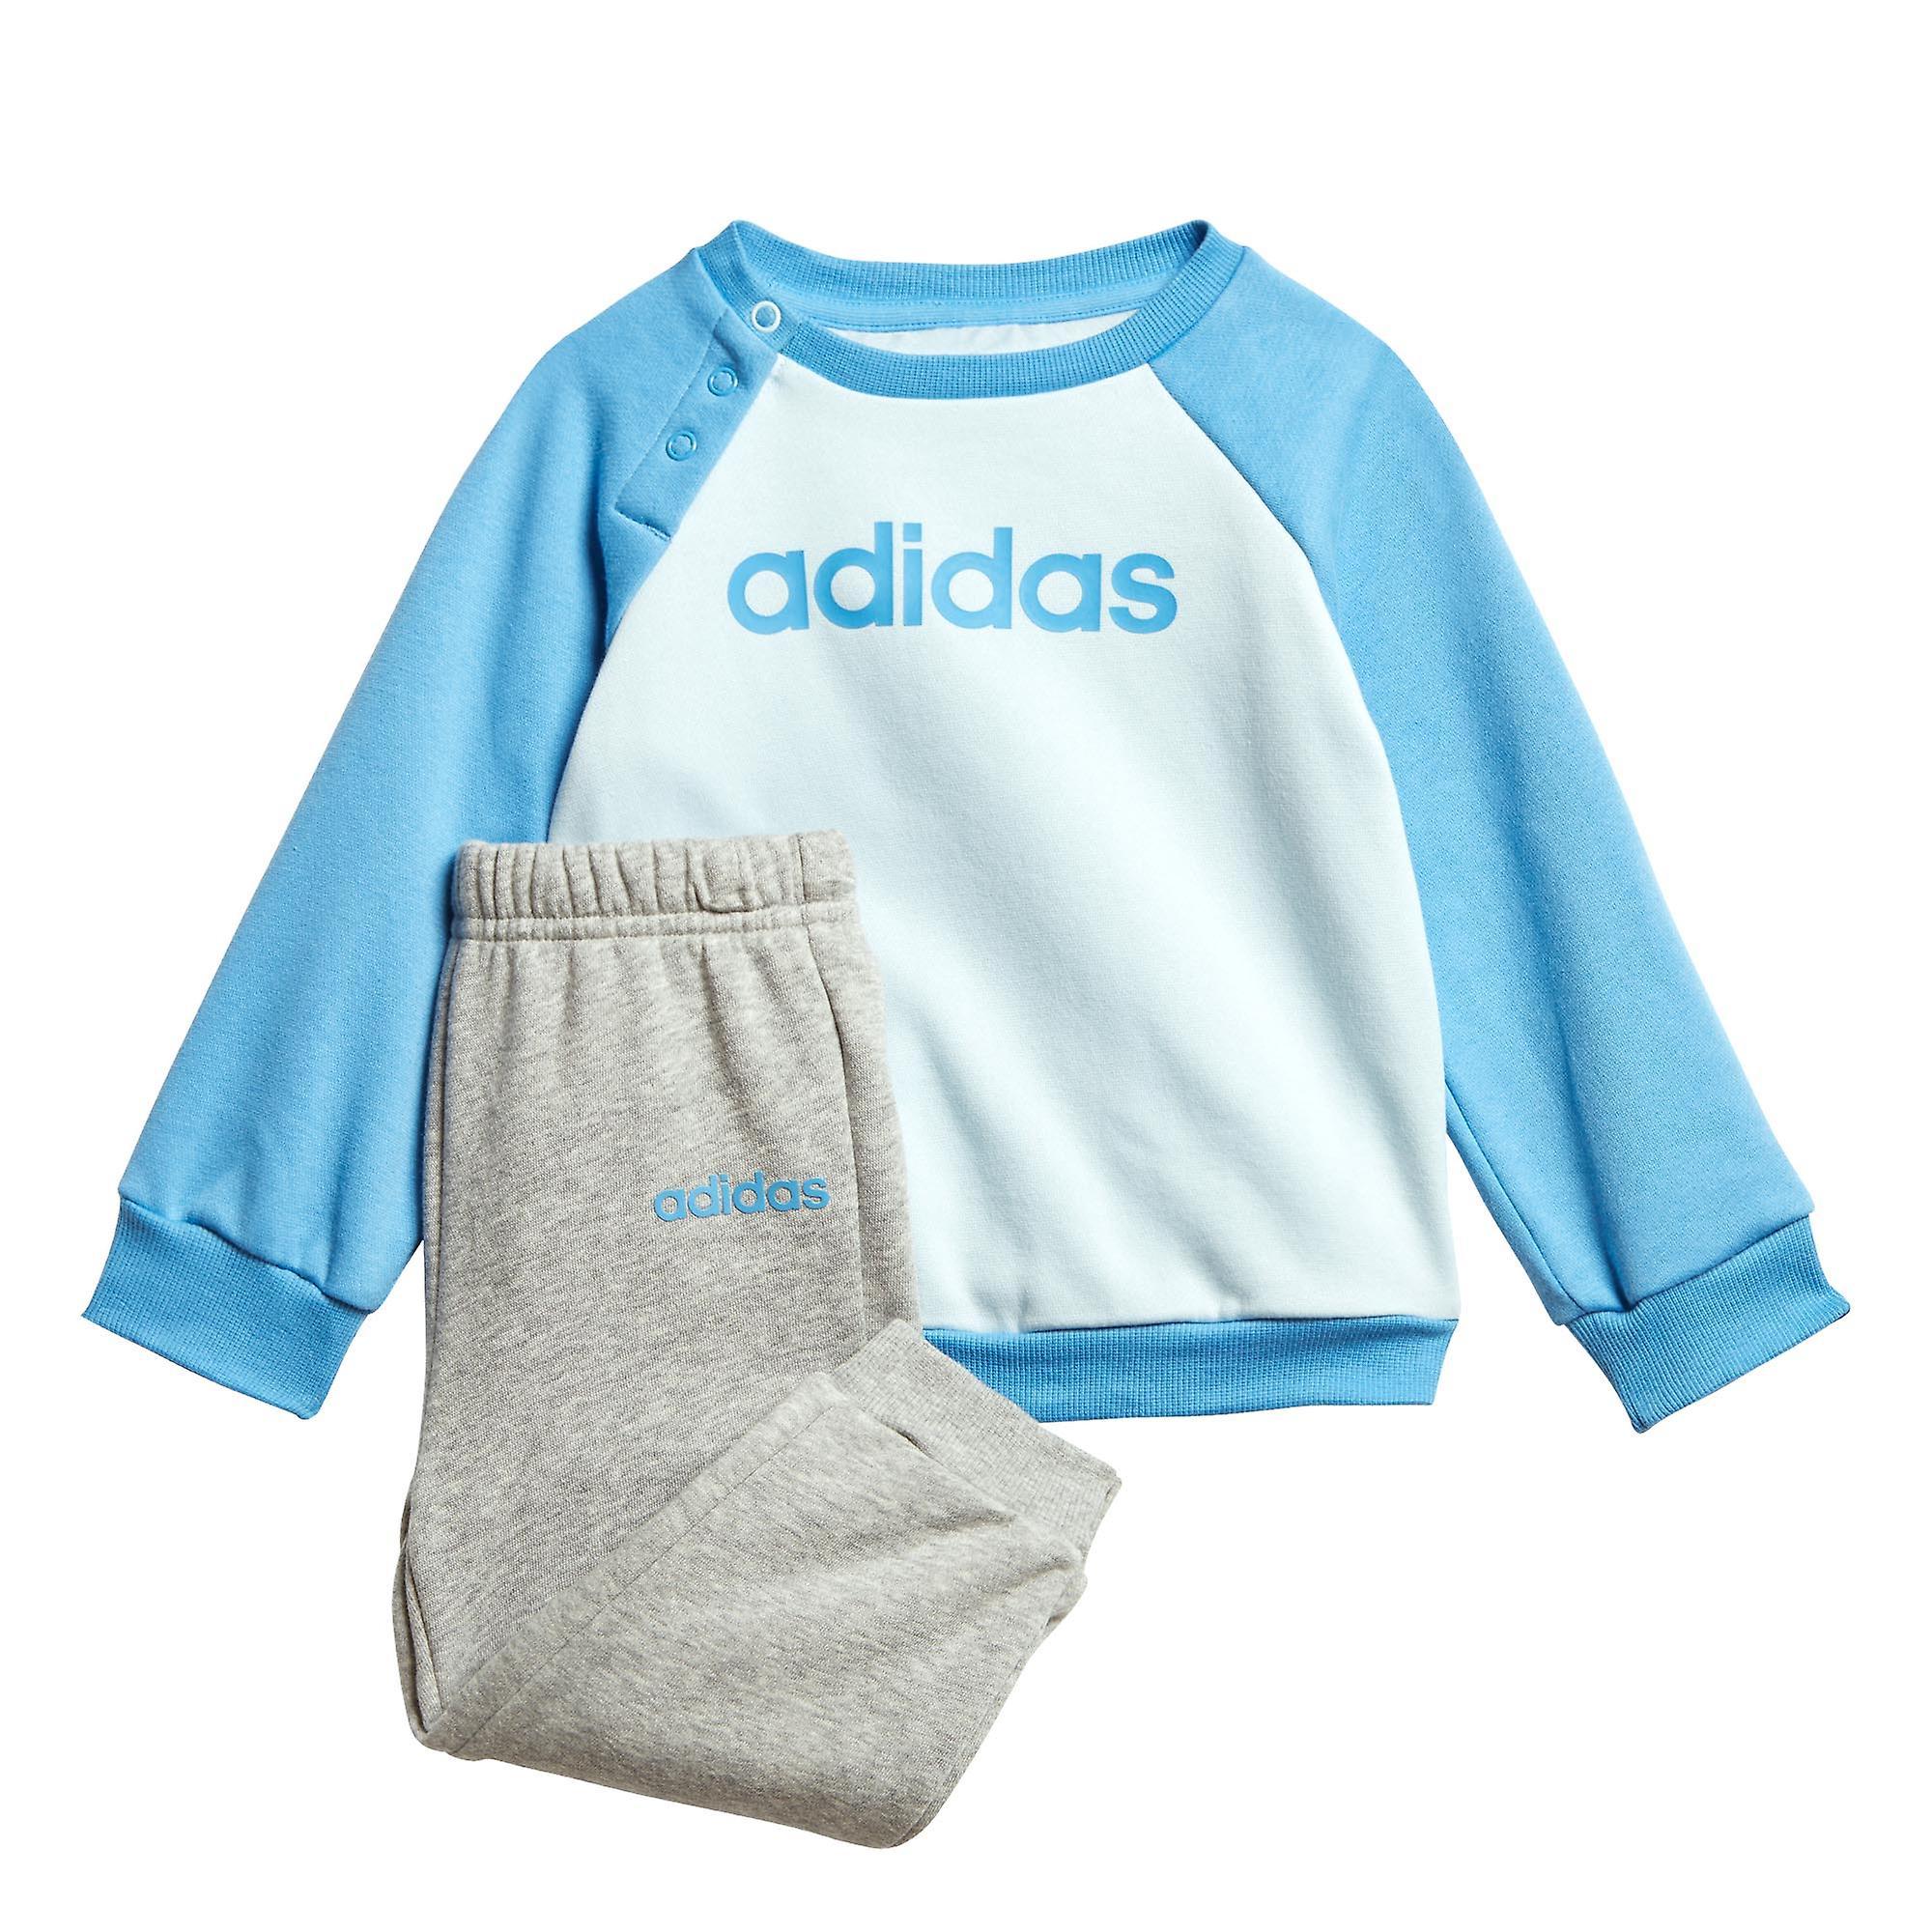 Danubio Discutir Fresco  Adidas lineal Jogger bebé niño niños puente pantalón chándal conjunto  azul/gris   Fruugo ES